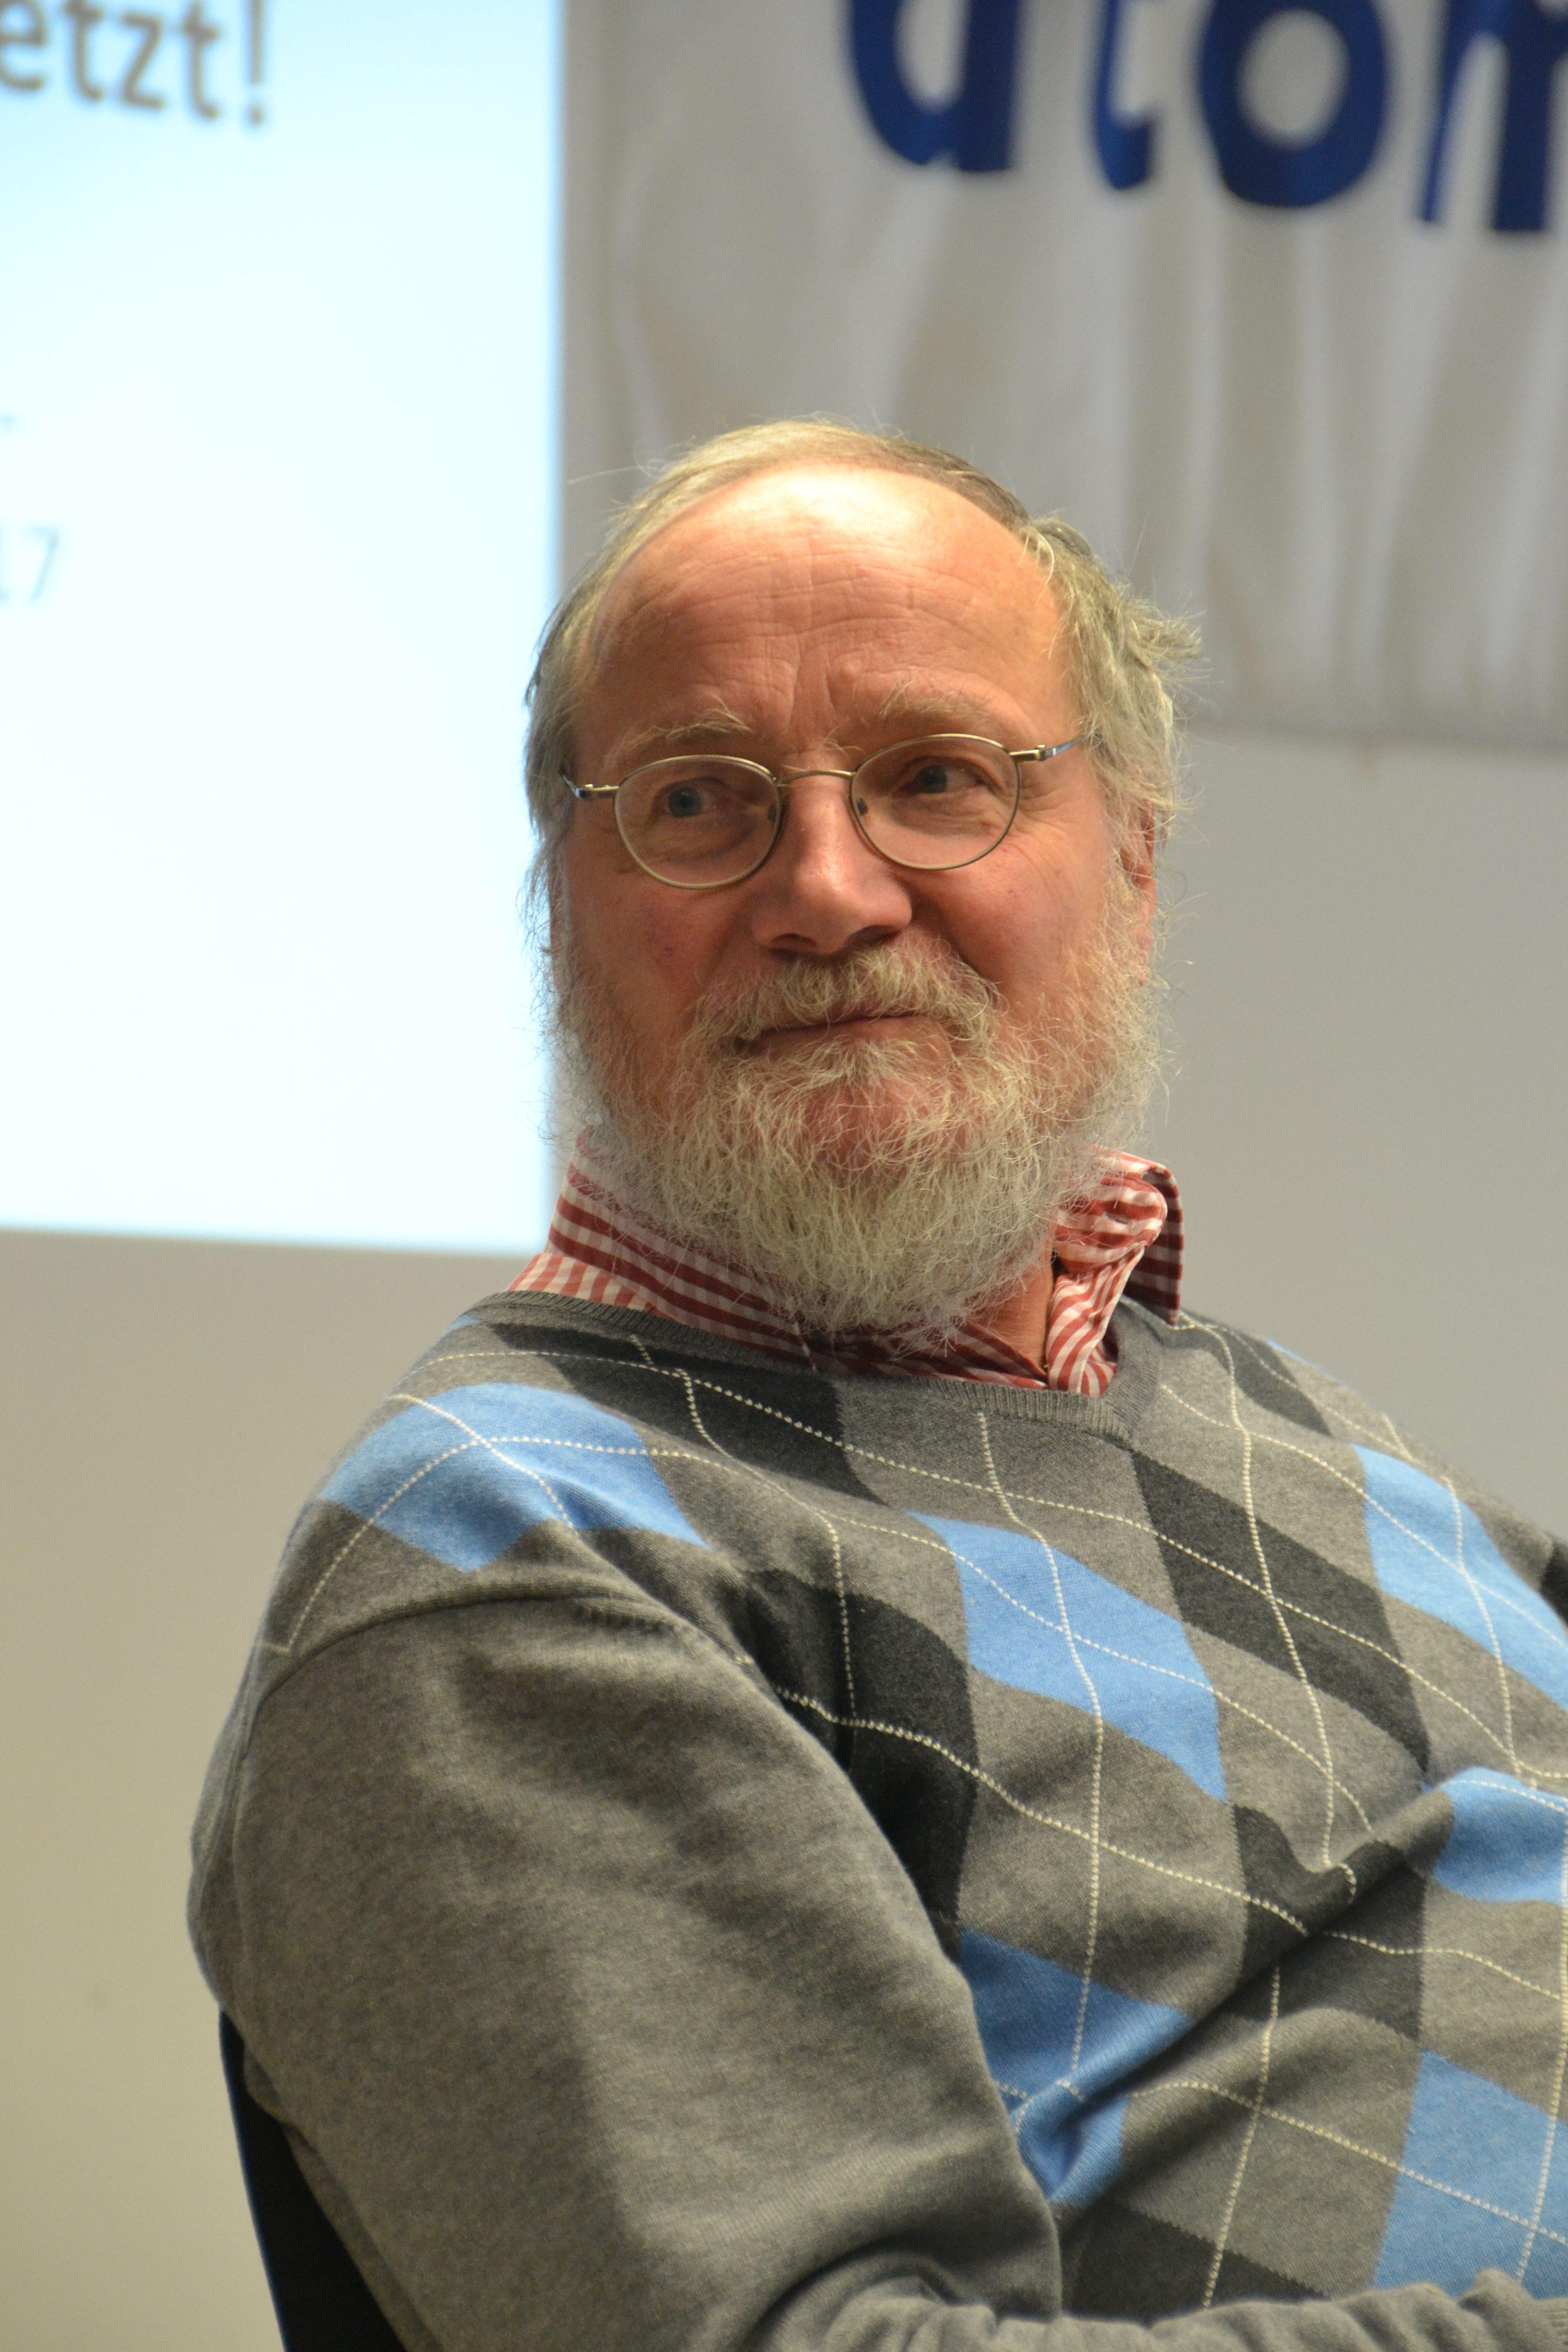 Ein älterer Herr mit Halbglatze und grauem Bart und